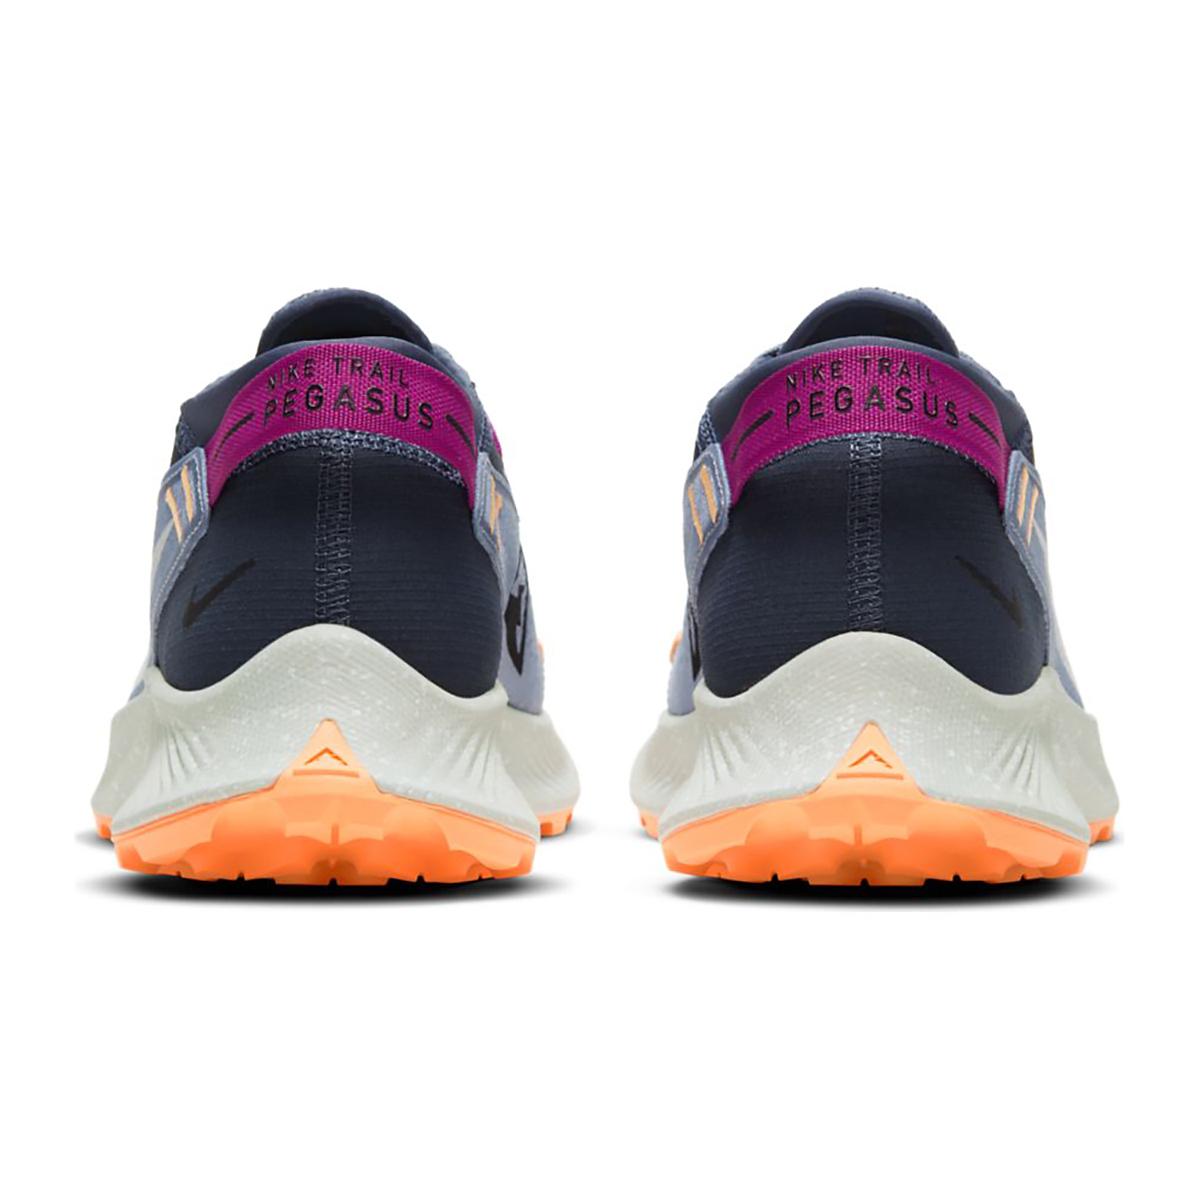 Women's Nike Nike Pegasus Trail 2 Trail Running Shoe - Color: Thunder Blue/Photon Dust/Ashen Slate - Size: 5 - Width: Regular, Thunder Blue/Photon Dust/Ashen Slate, large, image 4